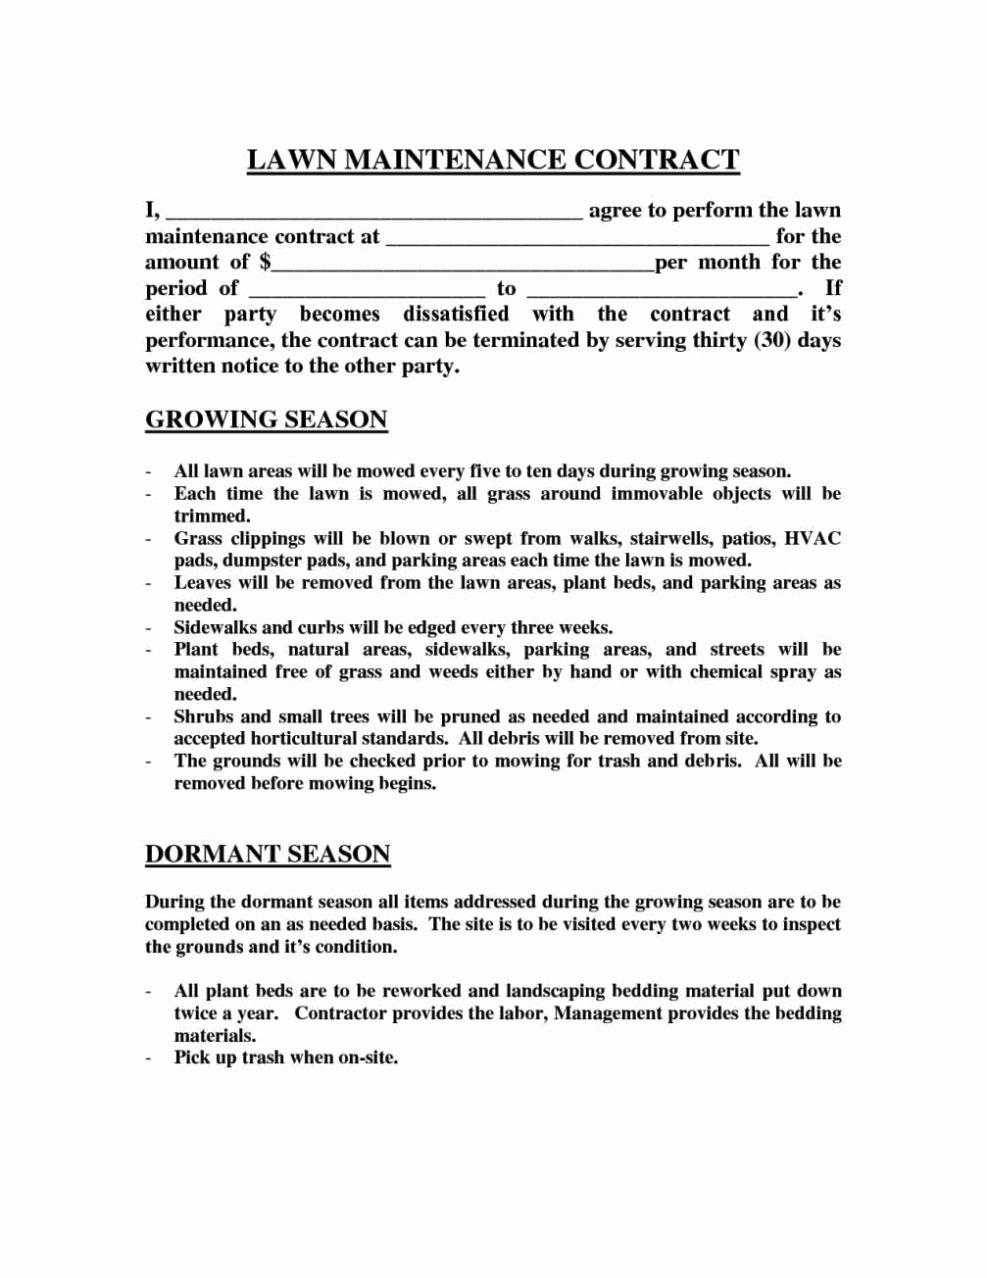 Landscape Maintenance Contract Template Best Of Landscape Maintenance Contract Template Sampletemplatess